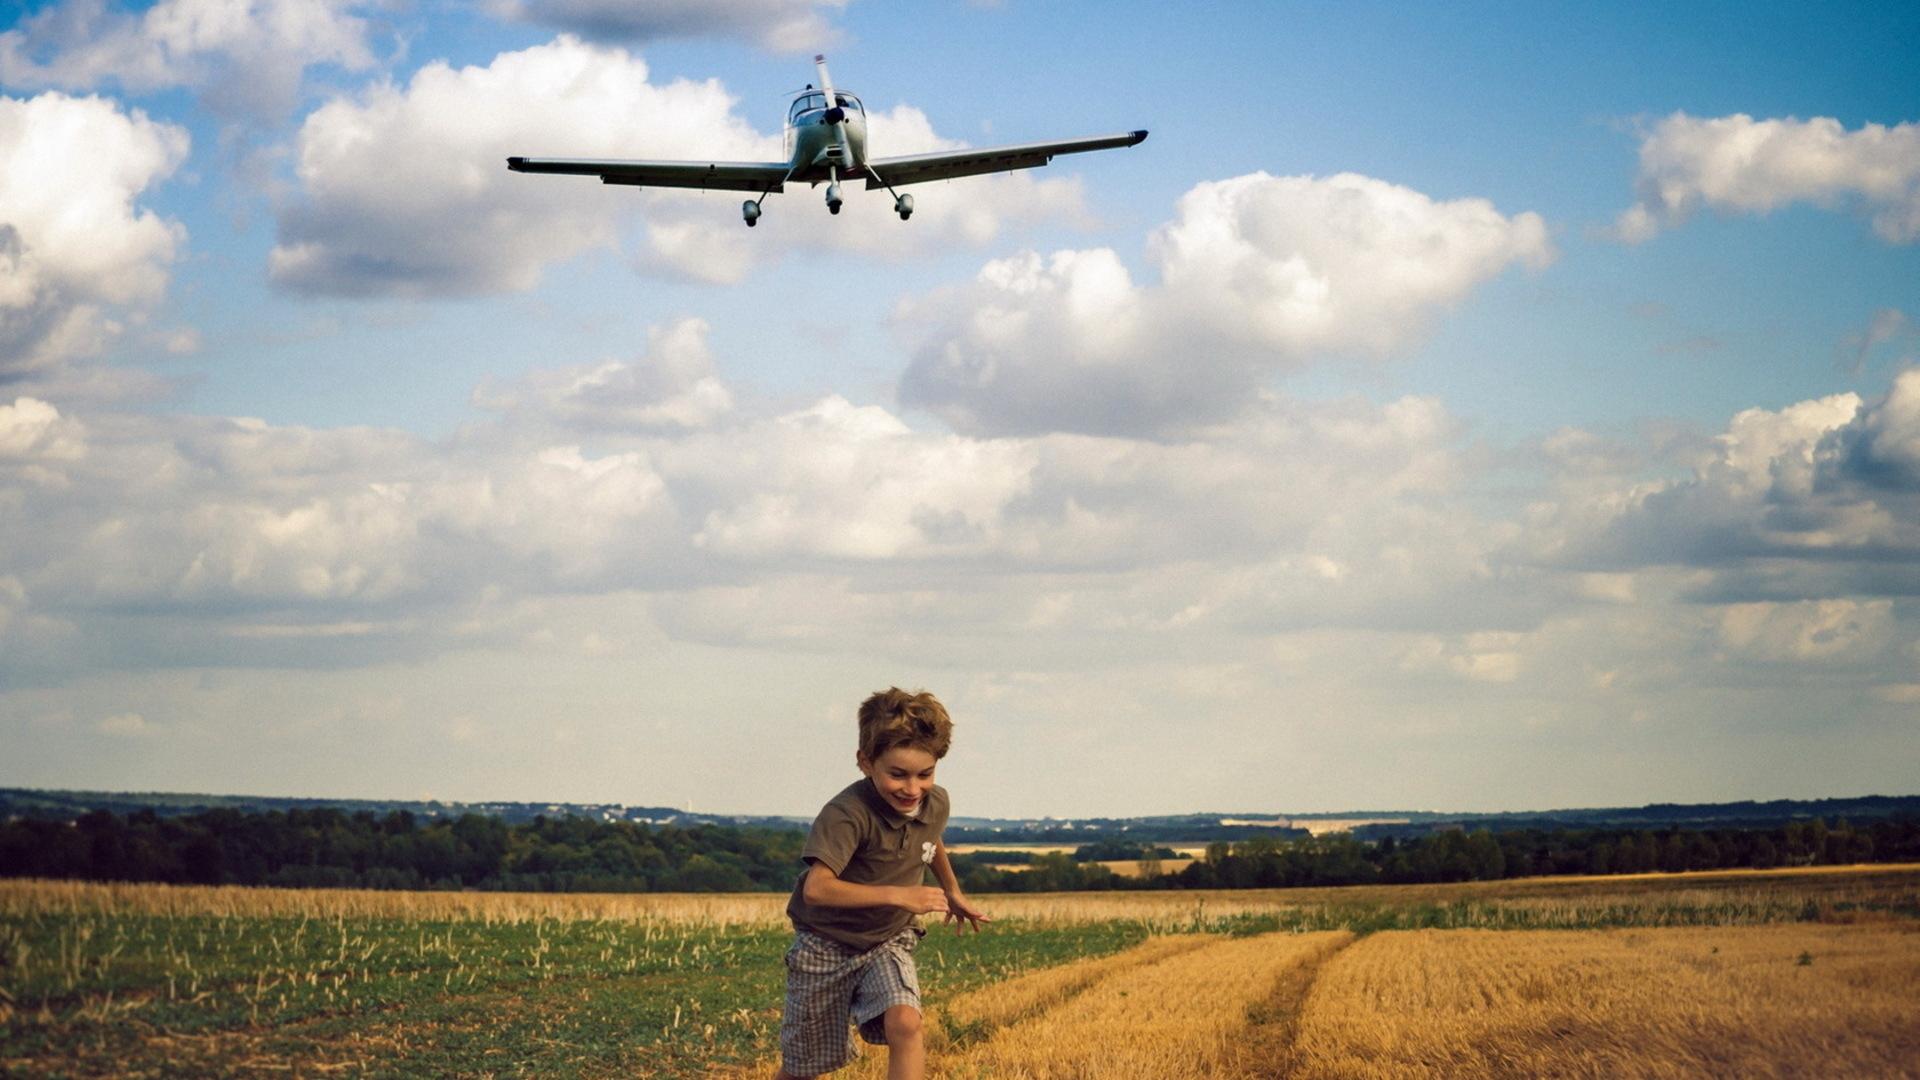 10-летний мальчик хочет открыть свои собственные авиакомпании. Его письмо вызвало сенсацию!